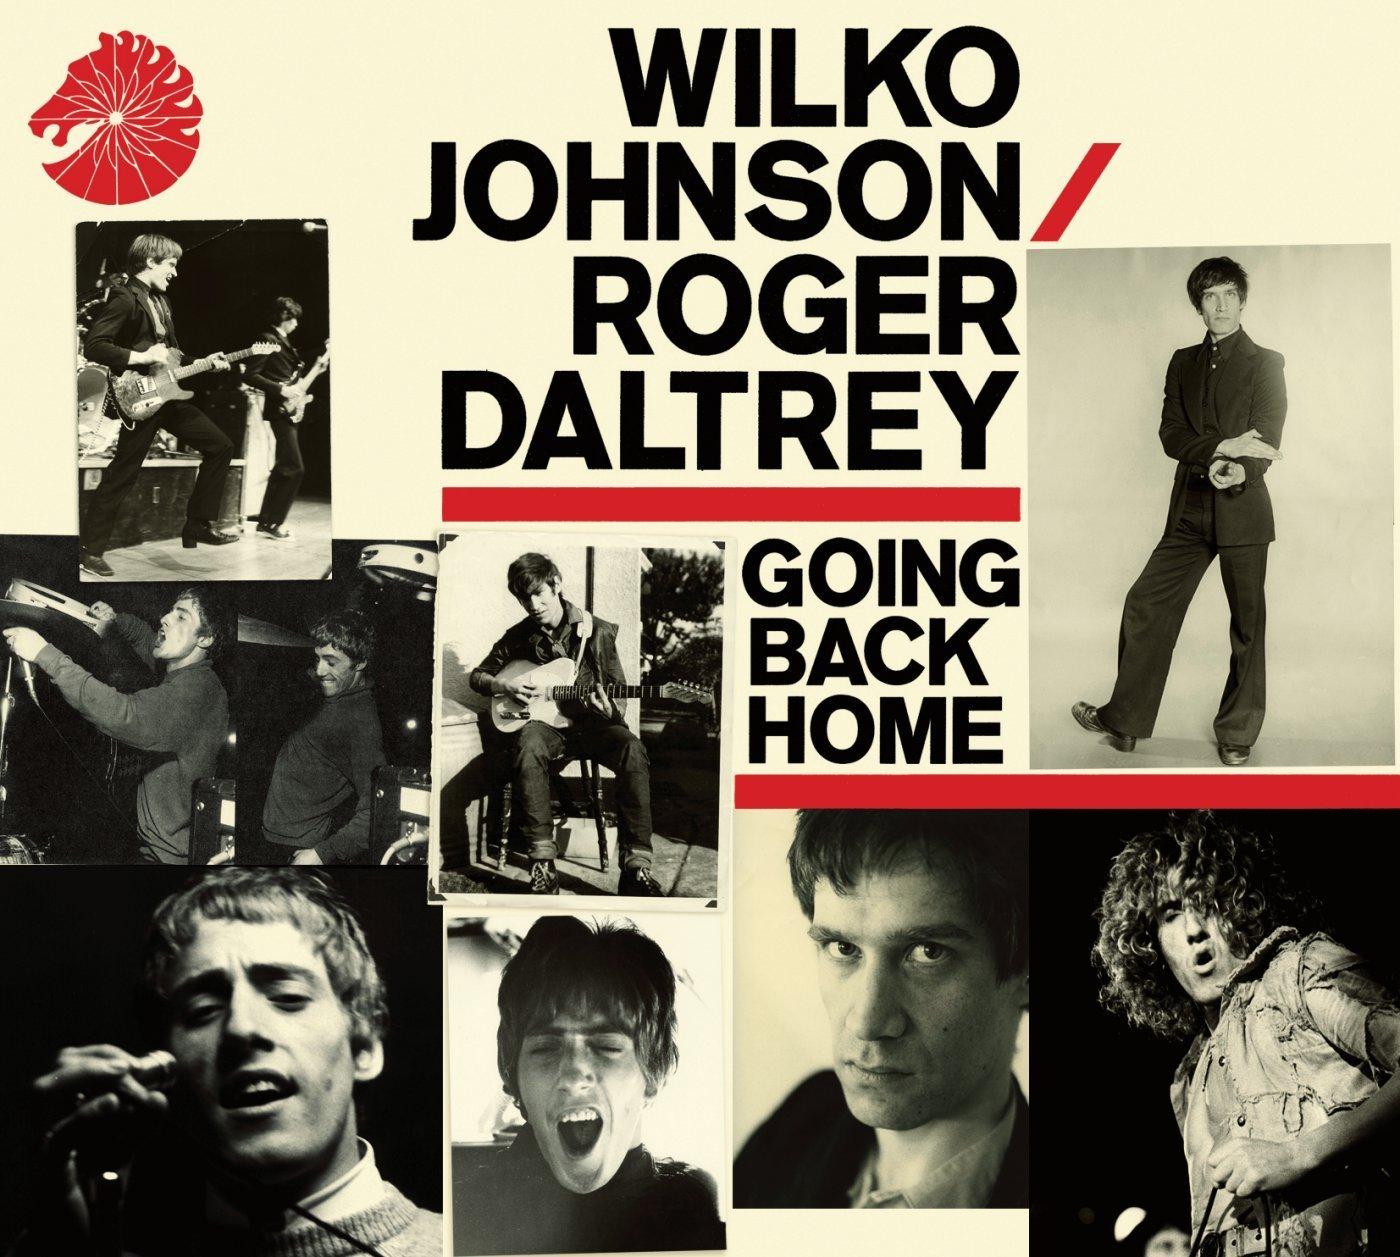 WILKO JOHNSON ROGER DALTREY – GOING BACK HOME - WILKO JOHNSON ROGER DALTREY – Going back home - Autres